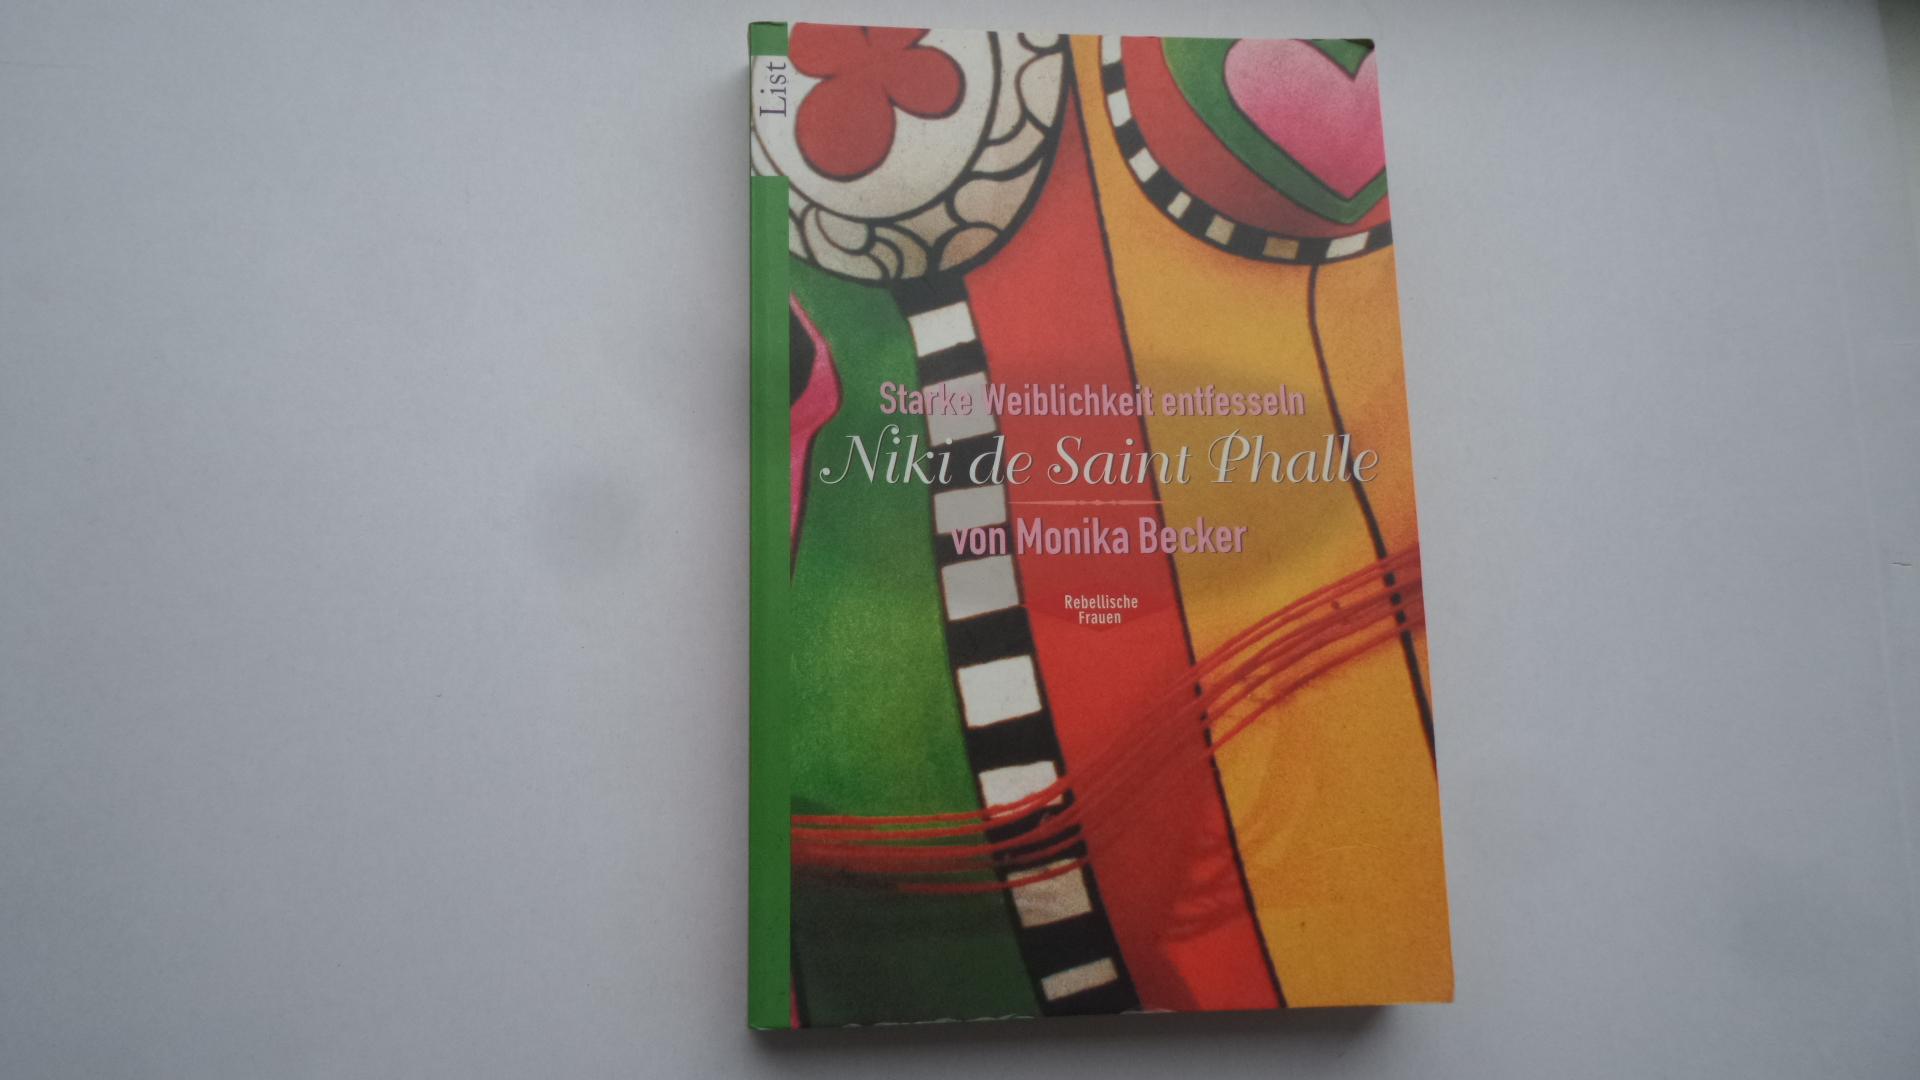 Mutter Der Nanas Künstlerin Niki De Saint Phalle Wäre 88 Jahre Alt